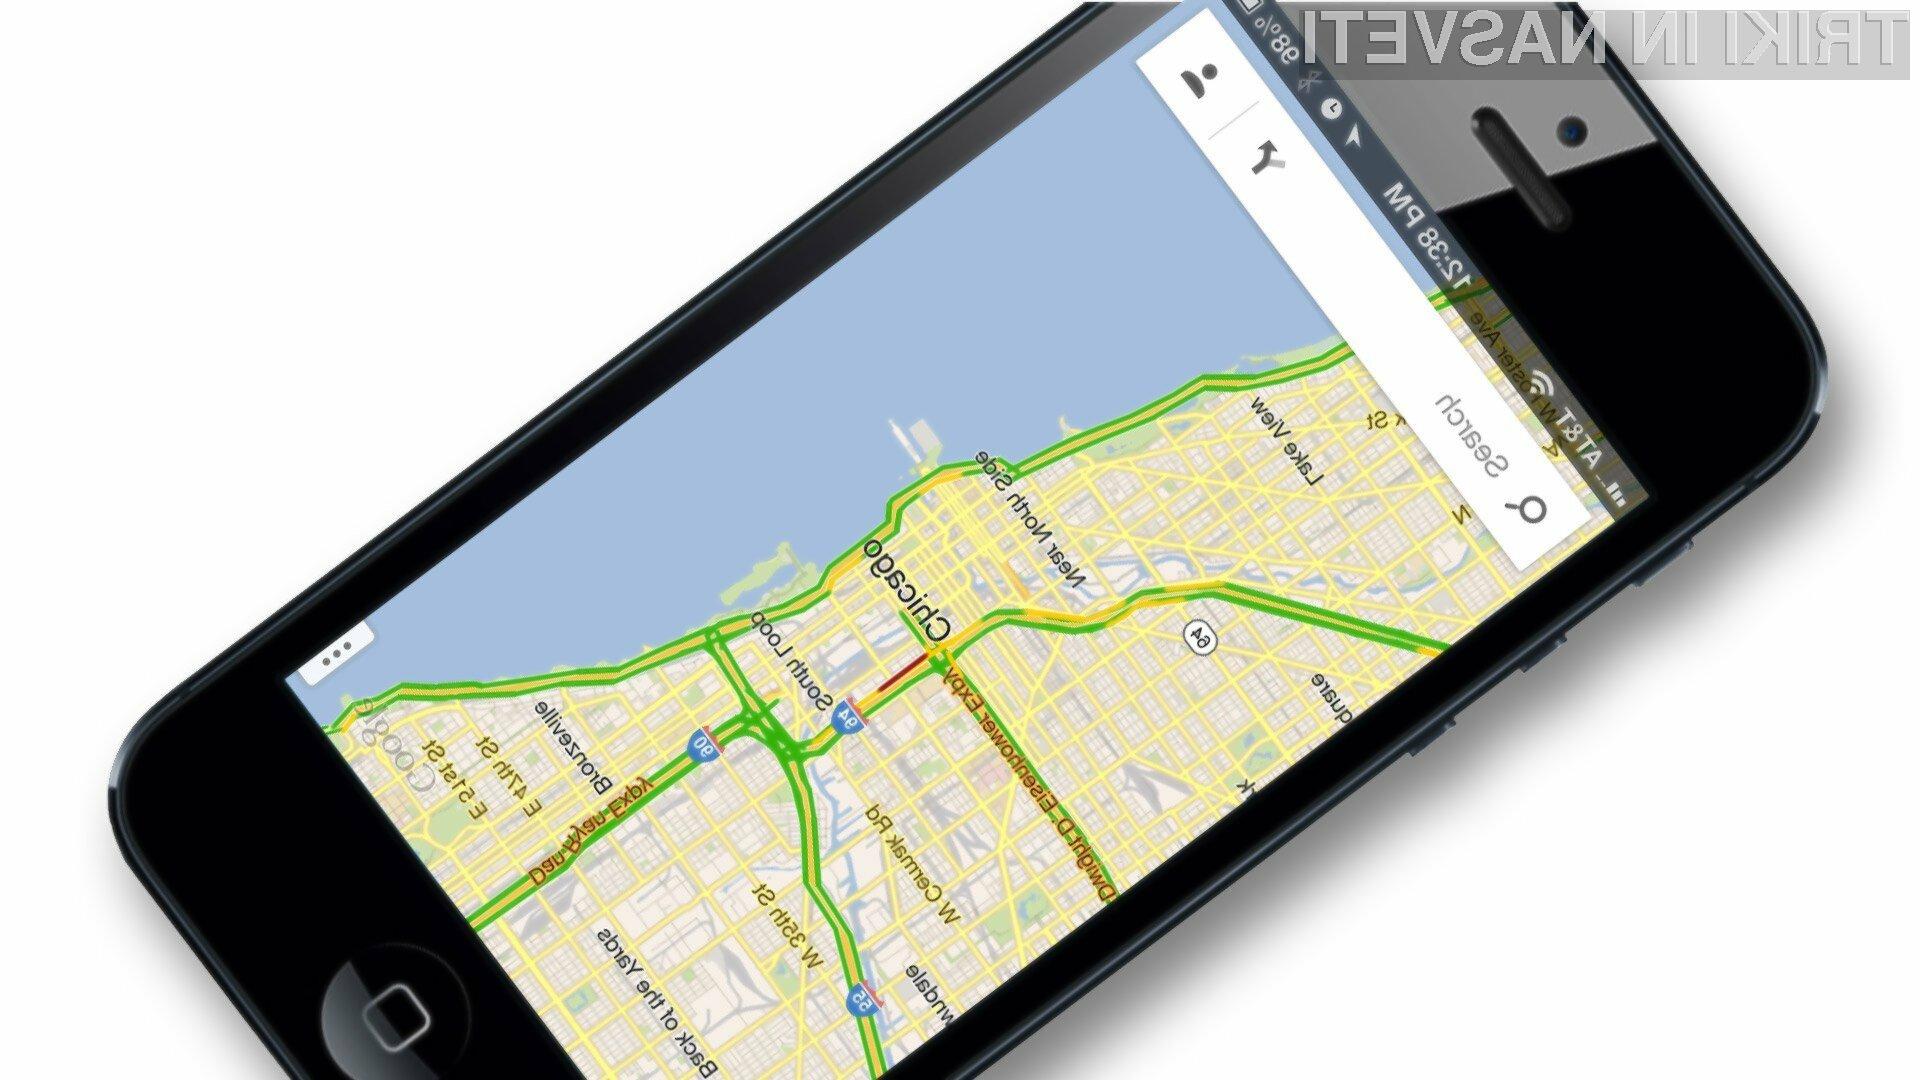 Novi mobilni Google Maps lahko v polni meri uporabljamo tudi brez povezave na svetovni splet.